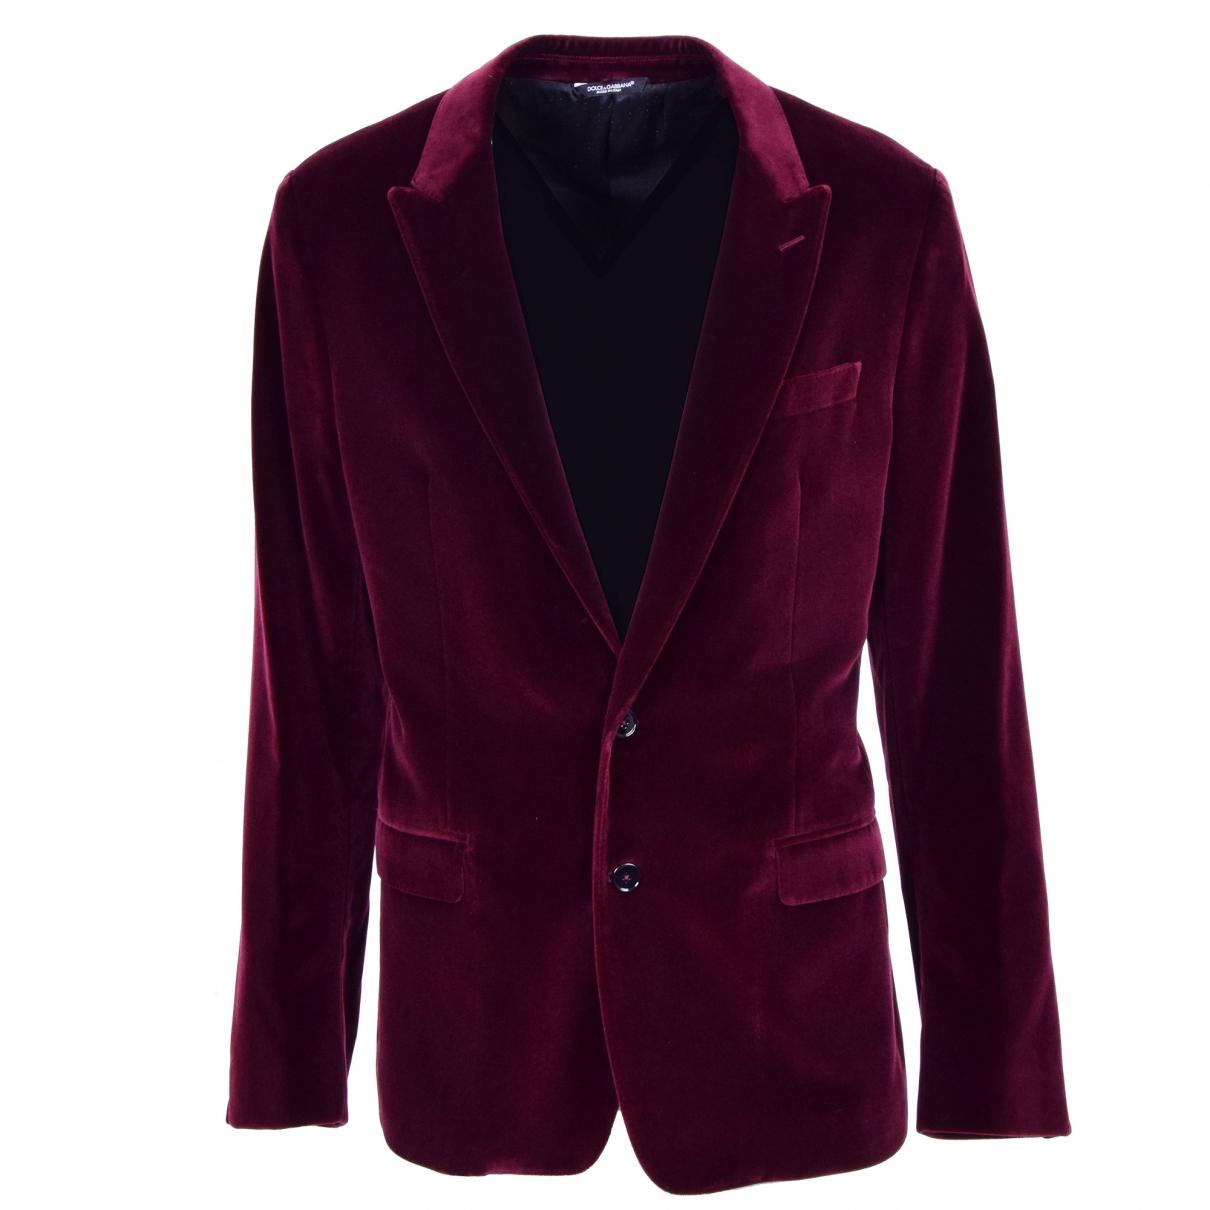 Dolce & Gabbana - Vestes.Blousons   pour homme en velours - bordeaux